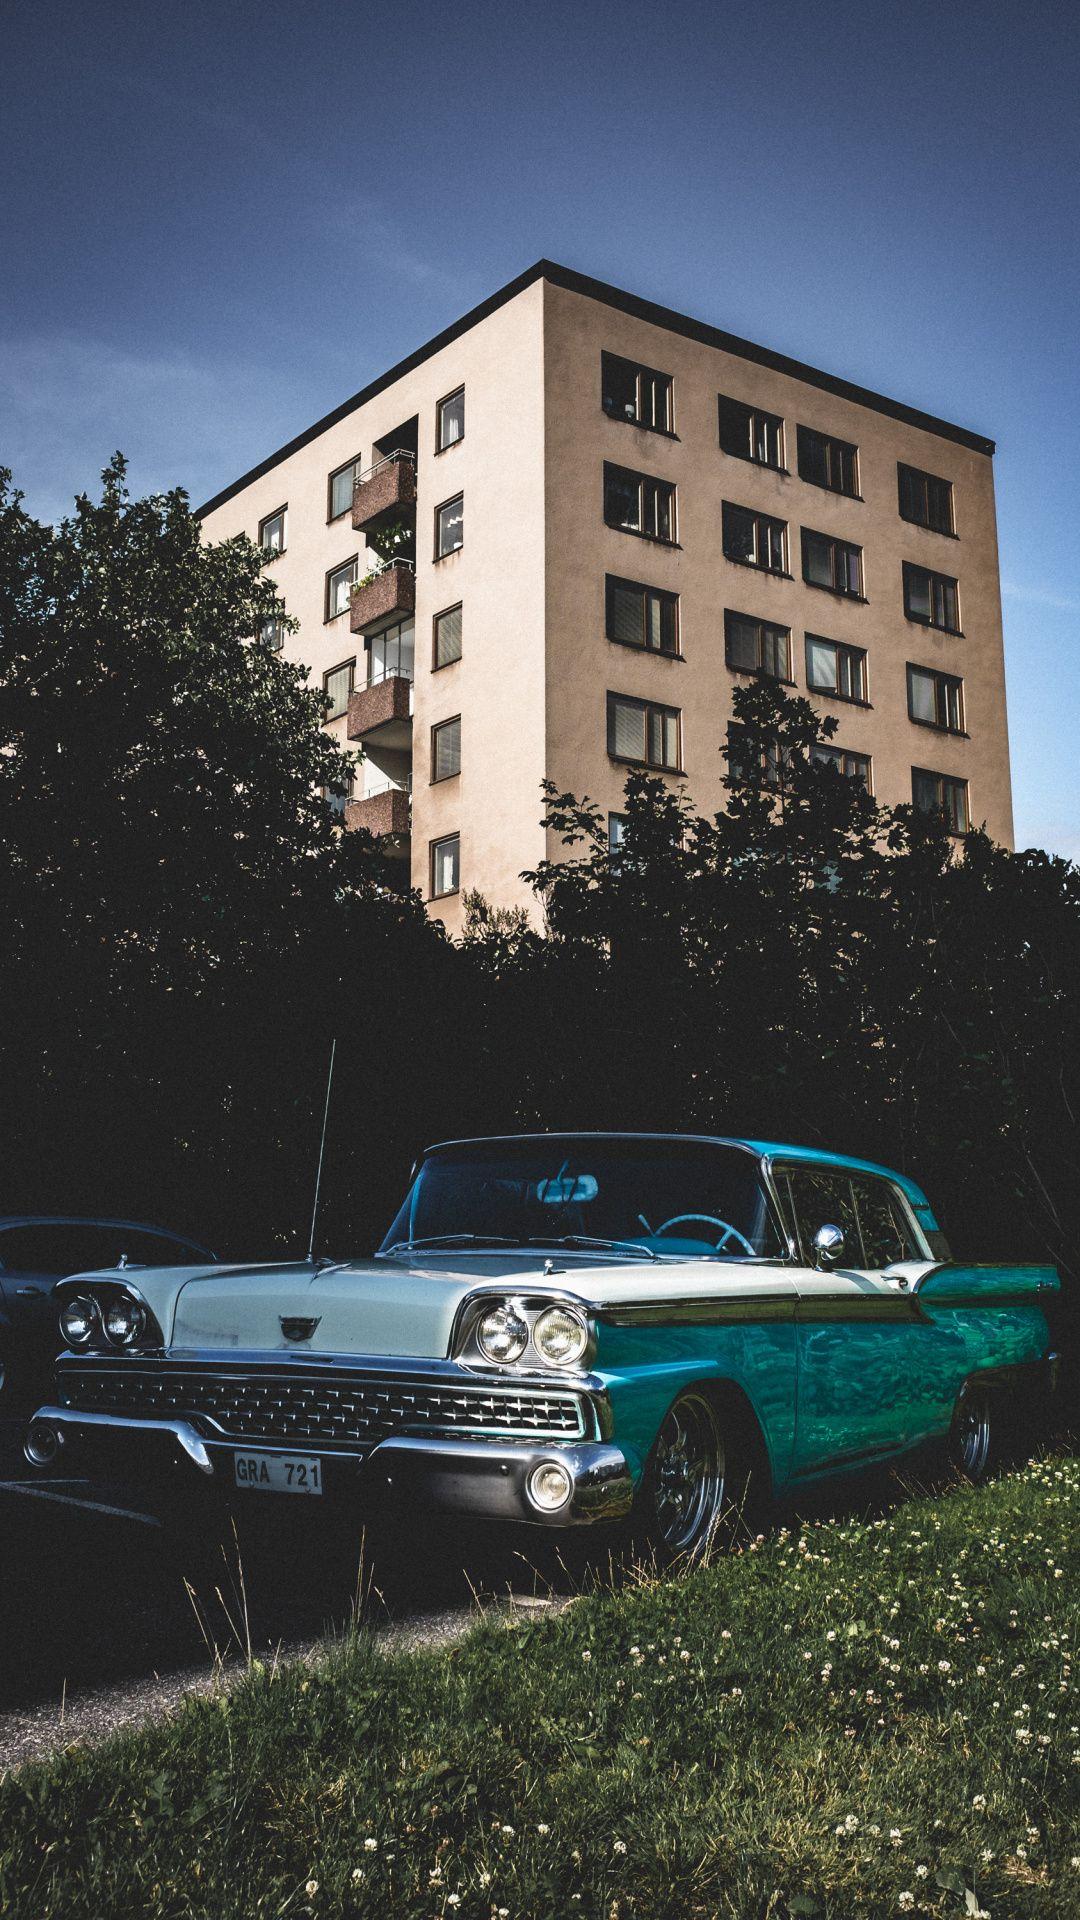 Wallpapers antique car, classic, car, classic car, hot rod